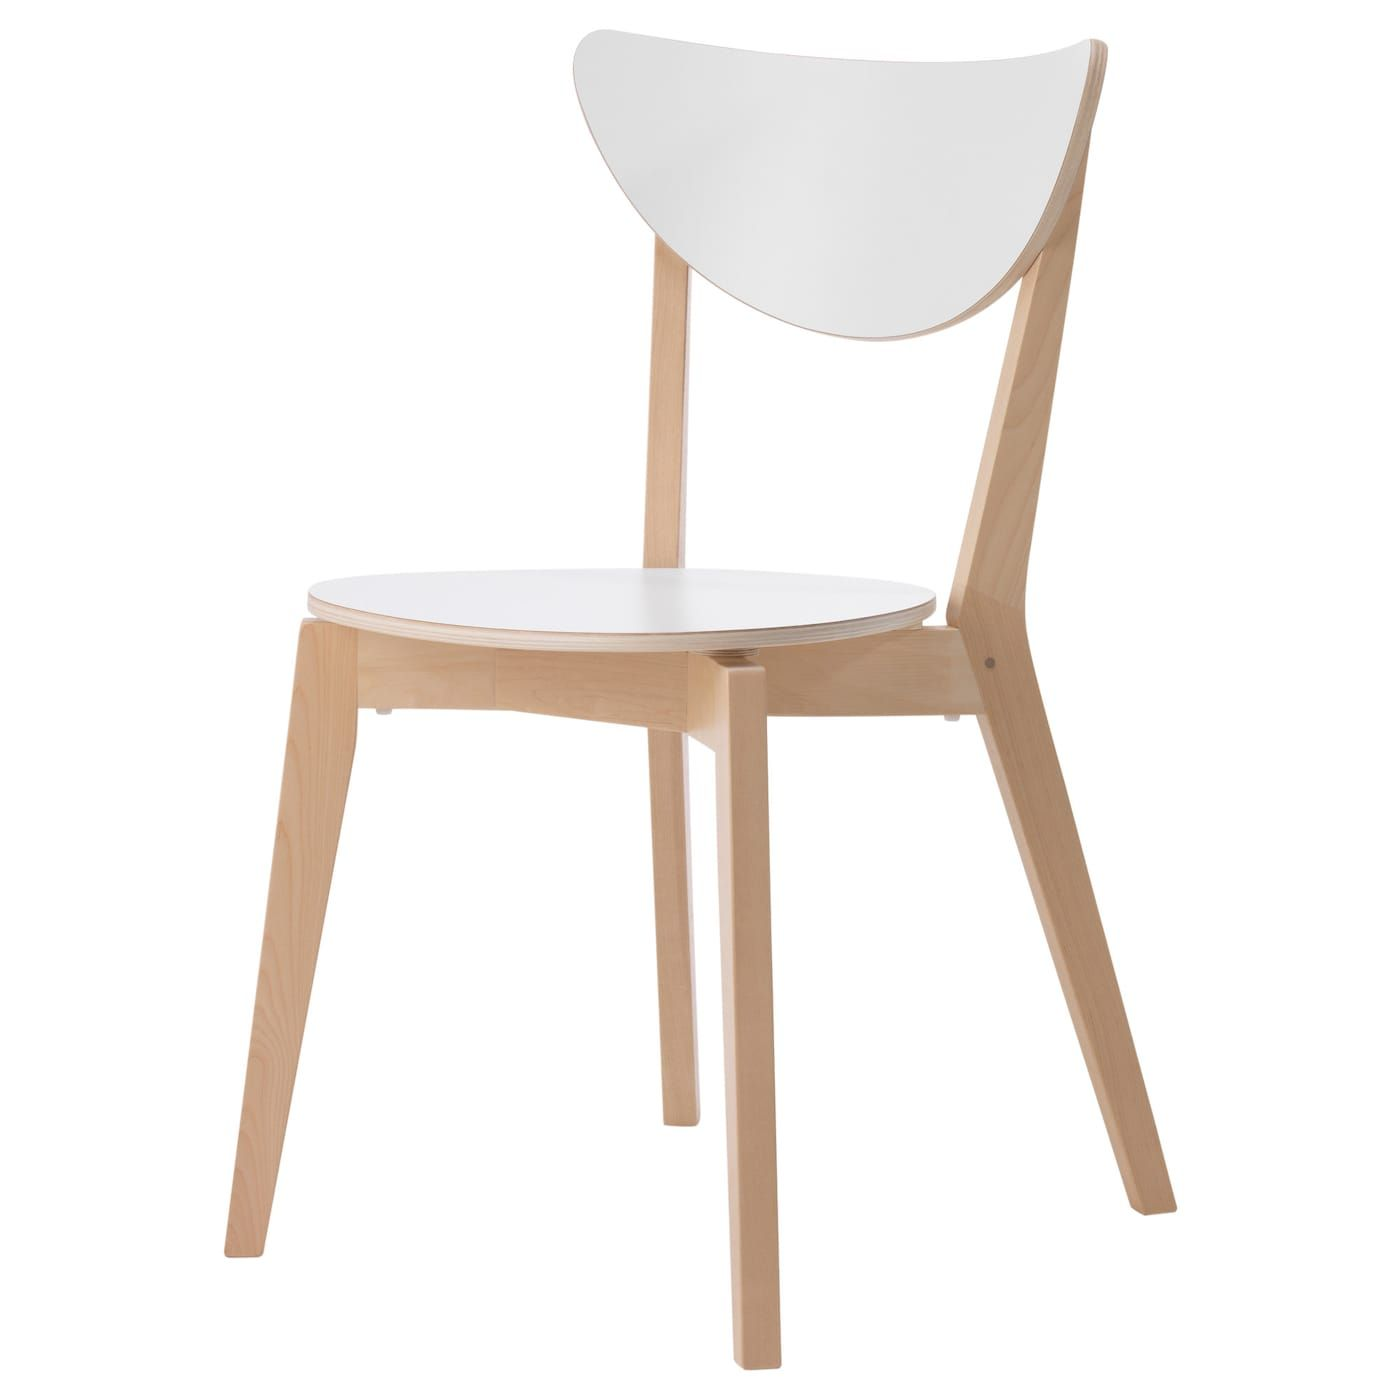 Nordmyra Scaun Alb Mesteacăn Ikea En 2020 Chaise Salle A Manger Chaise Design Ikea